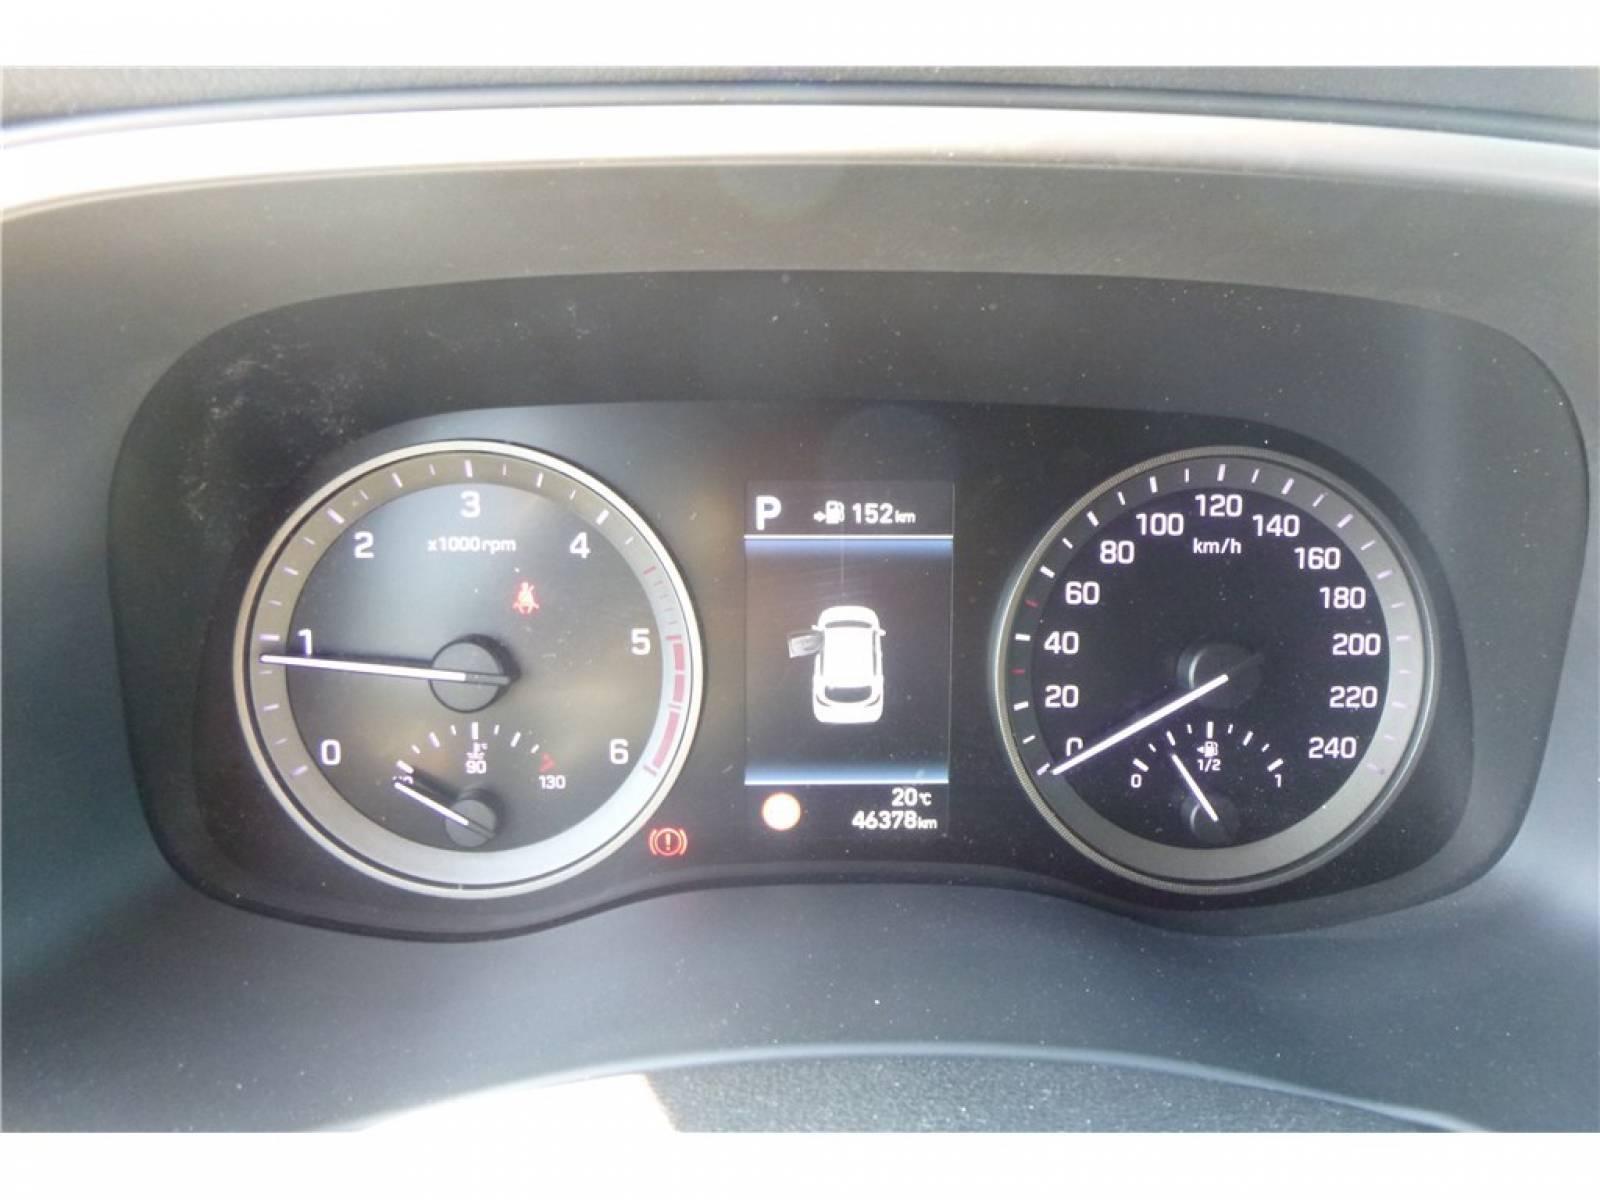 HYUNDAI Tucson 1.6 CRDi 136 DCT-7 - véhicule d'occasion - Groupe Guillet - Chalon Automobiles - 71100 - Chalon-sur-Saône - 19